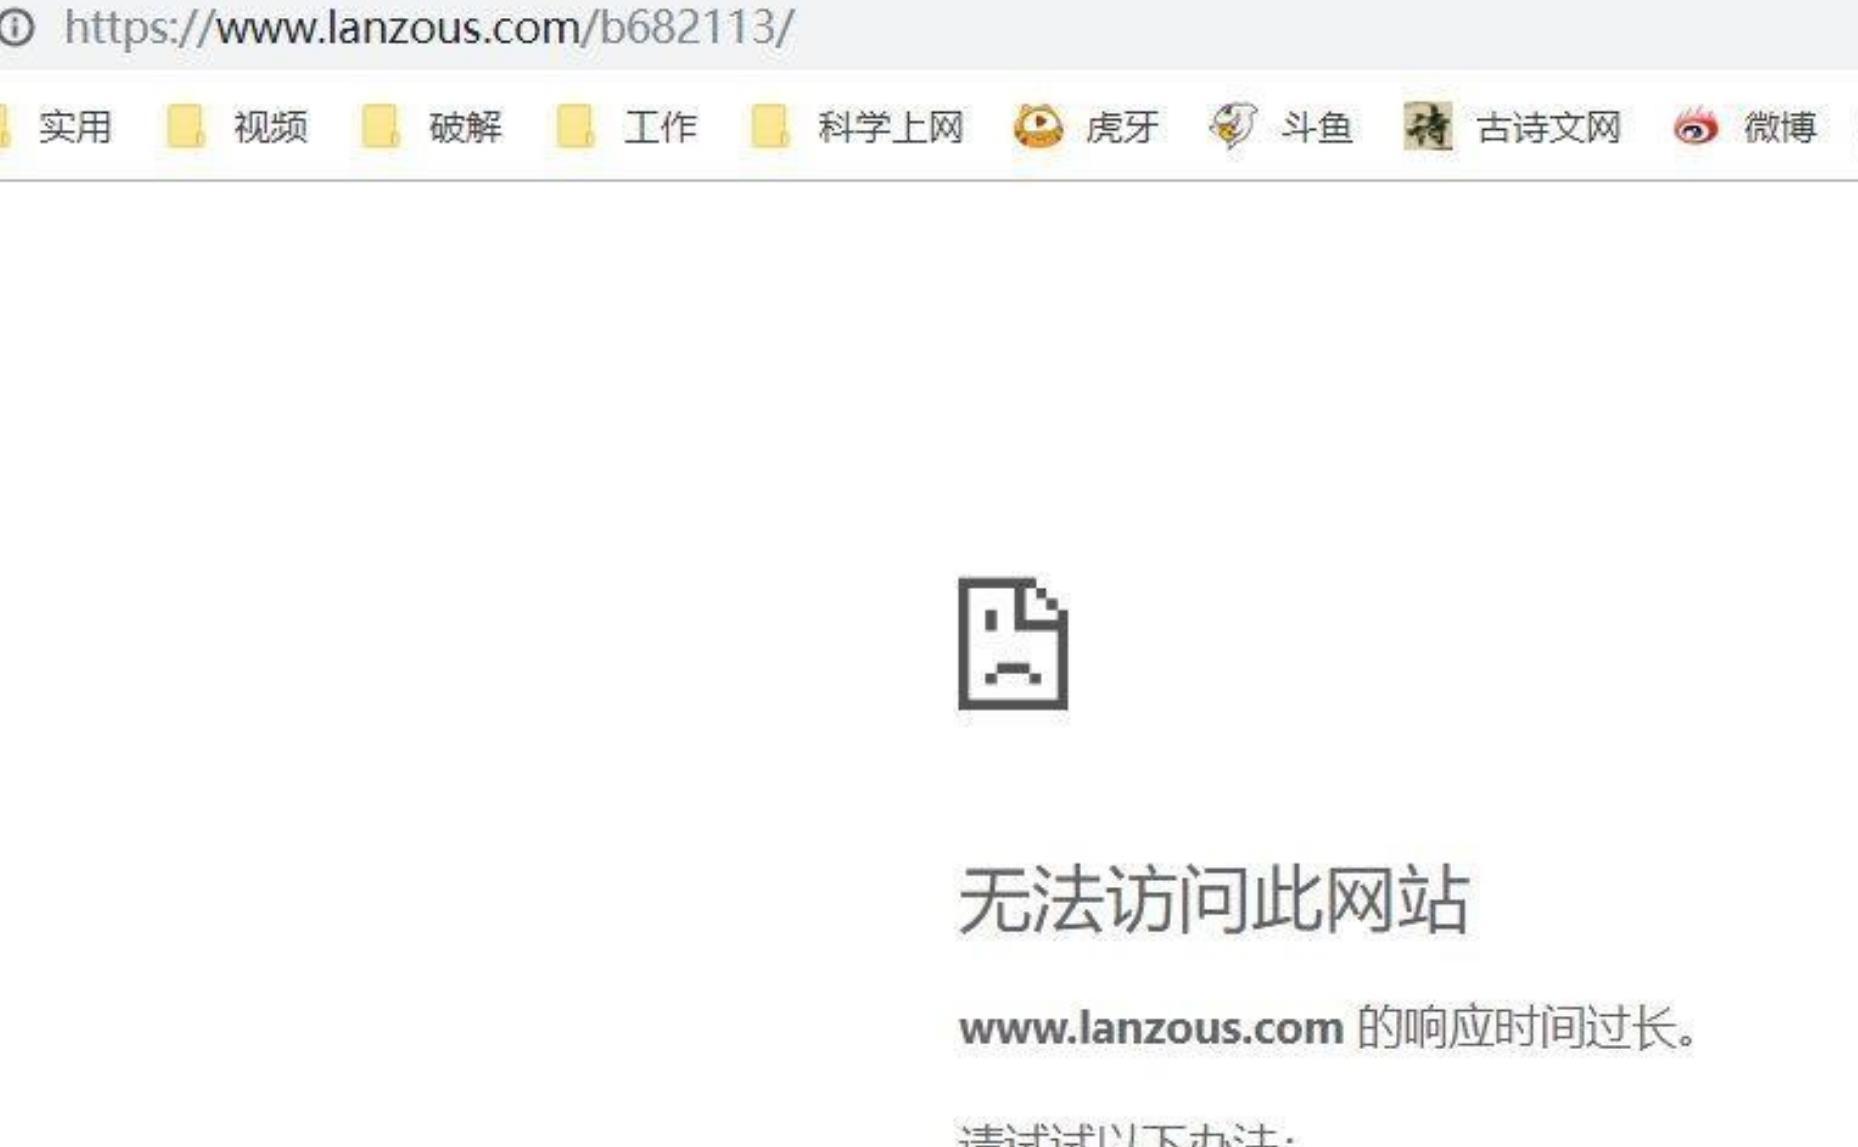 关于蓝奏网盘部分地区无法下载解决方案